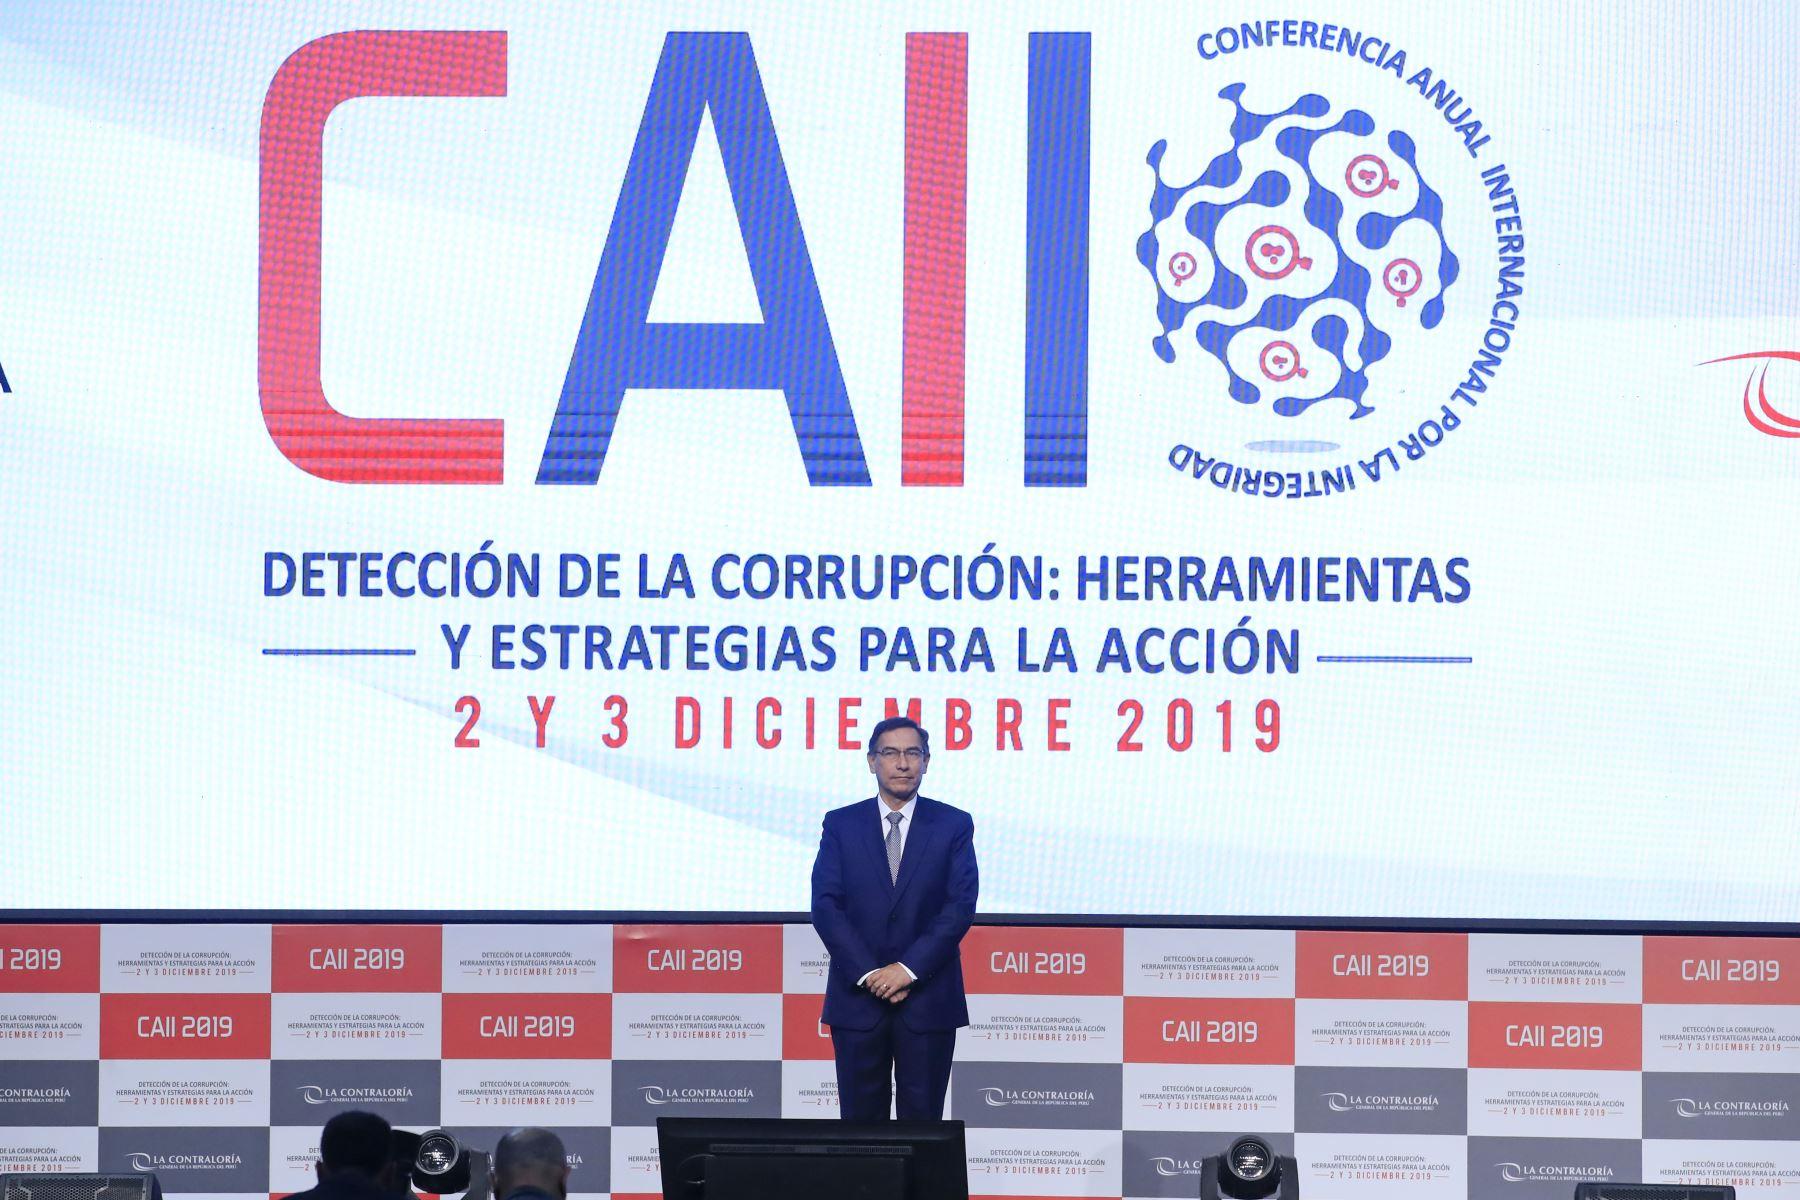 Presidente de la República asistió a la Inauguración de la Conferencia Anual Internacional por la Integridad CAII 2019, organizada por la Contraloría General de la República.Foto: ANDINA/ Juan Carlos Guzmán